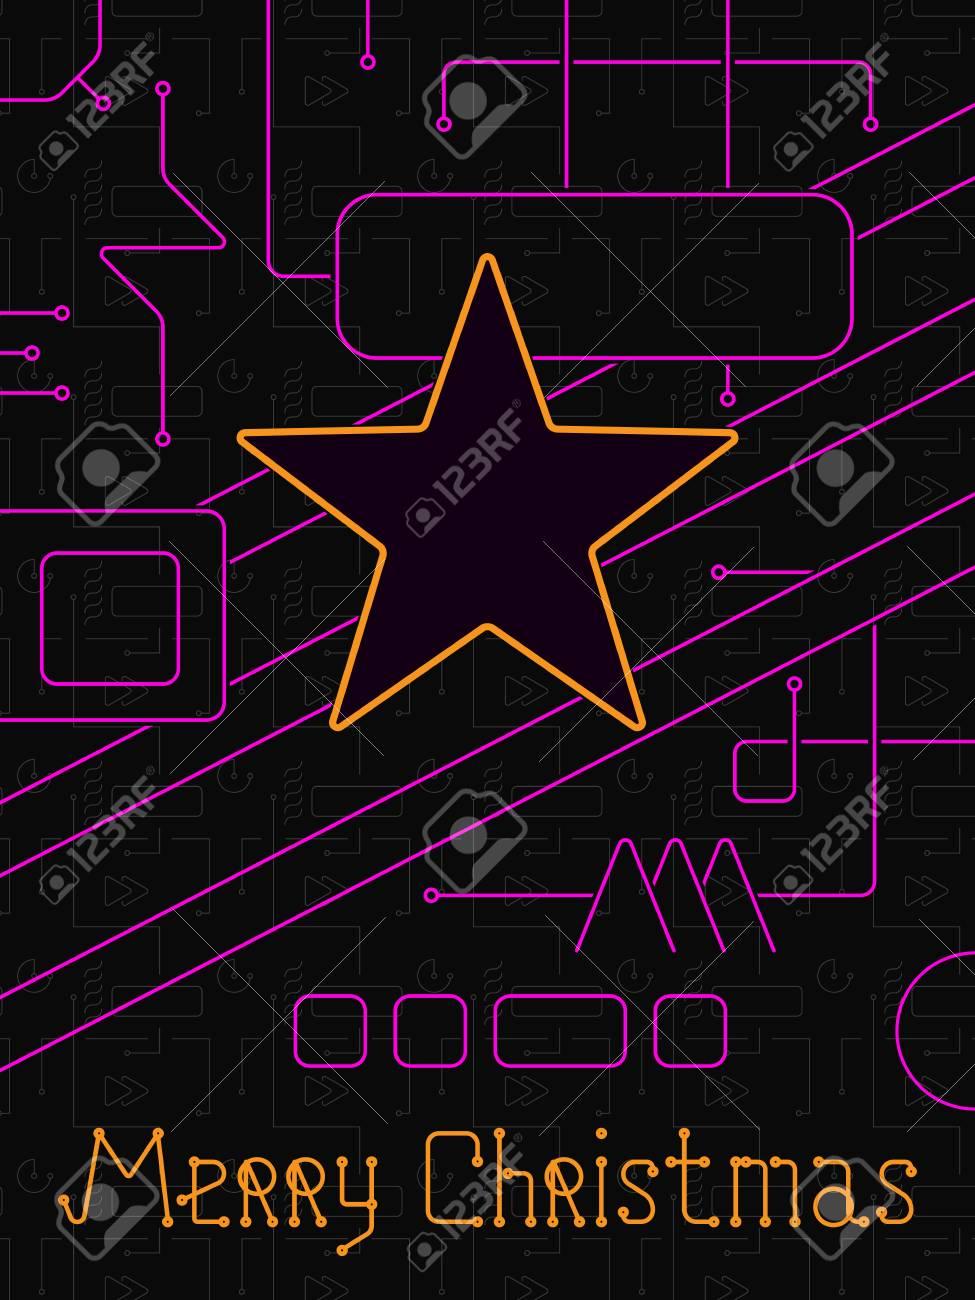 Joyeux Noel Techno.Carte De Voeux Joyeux Noel Vacances Lignes De Geometrie Style Art Techno Dessin Au Trait